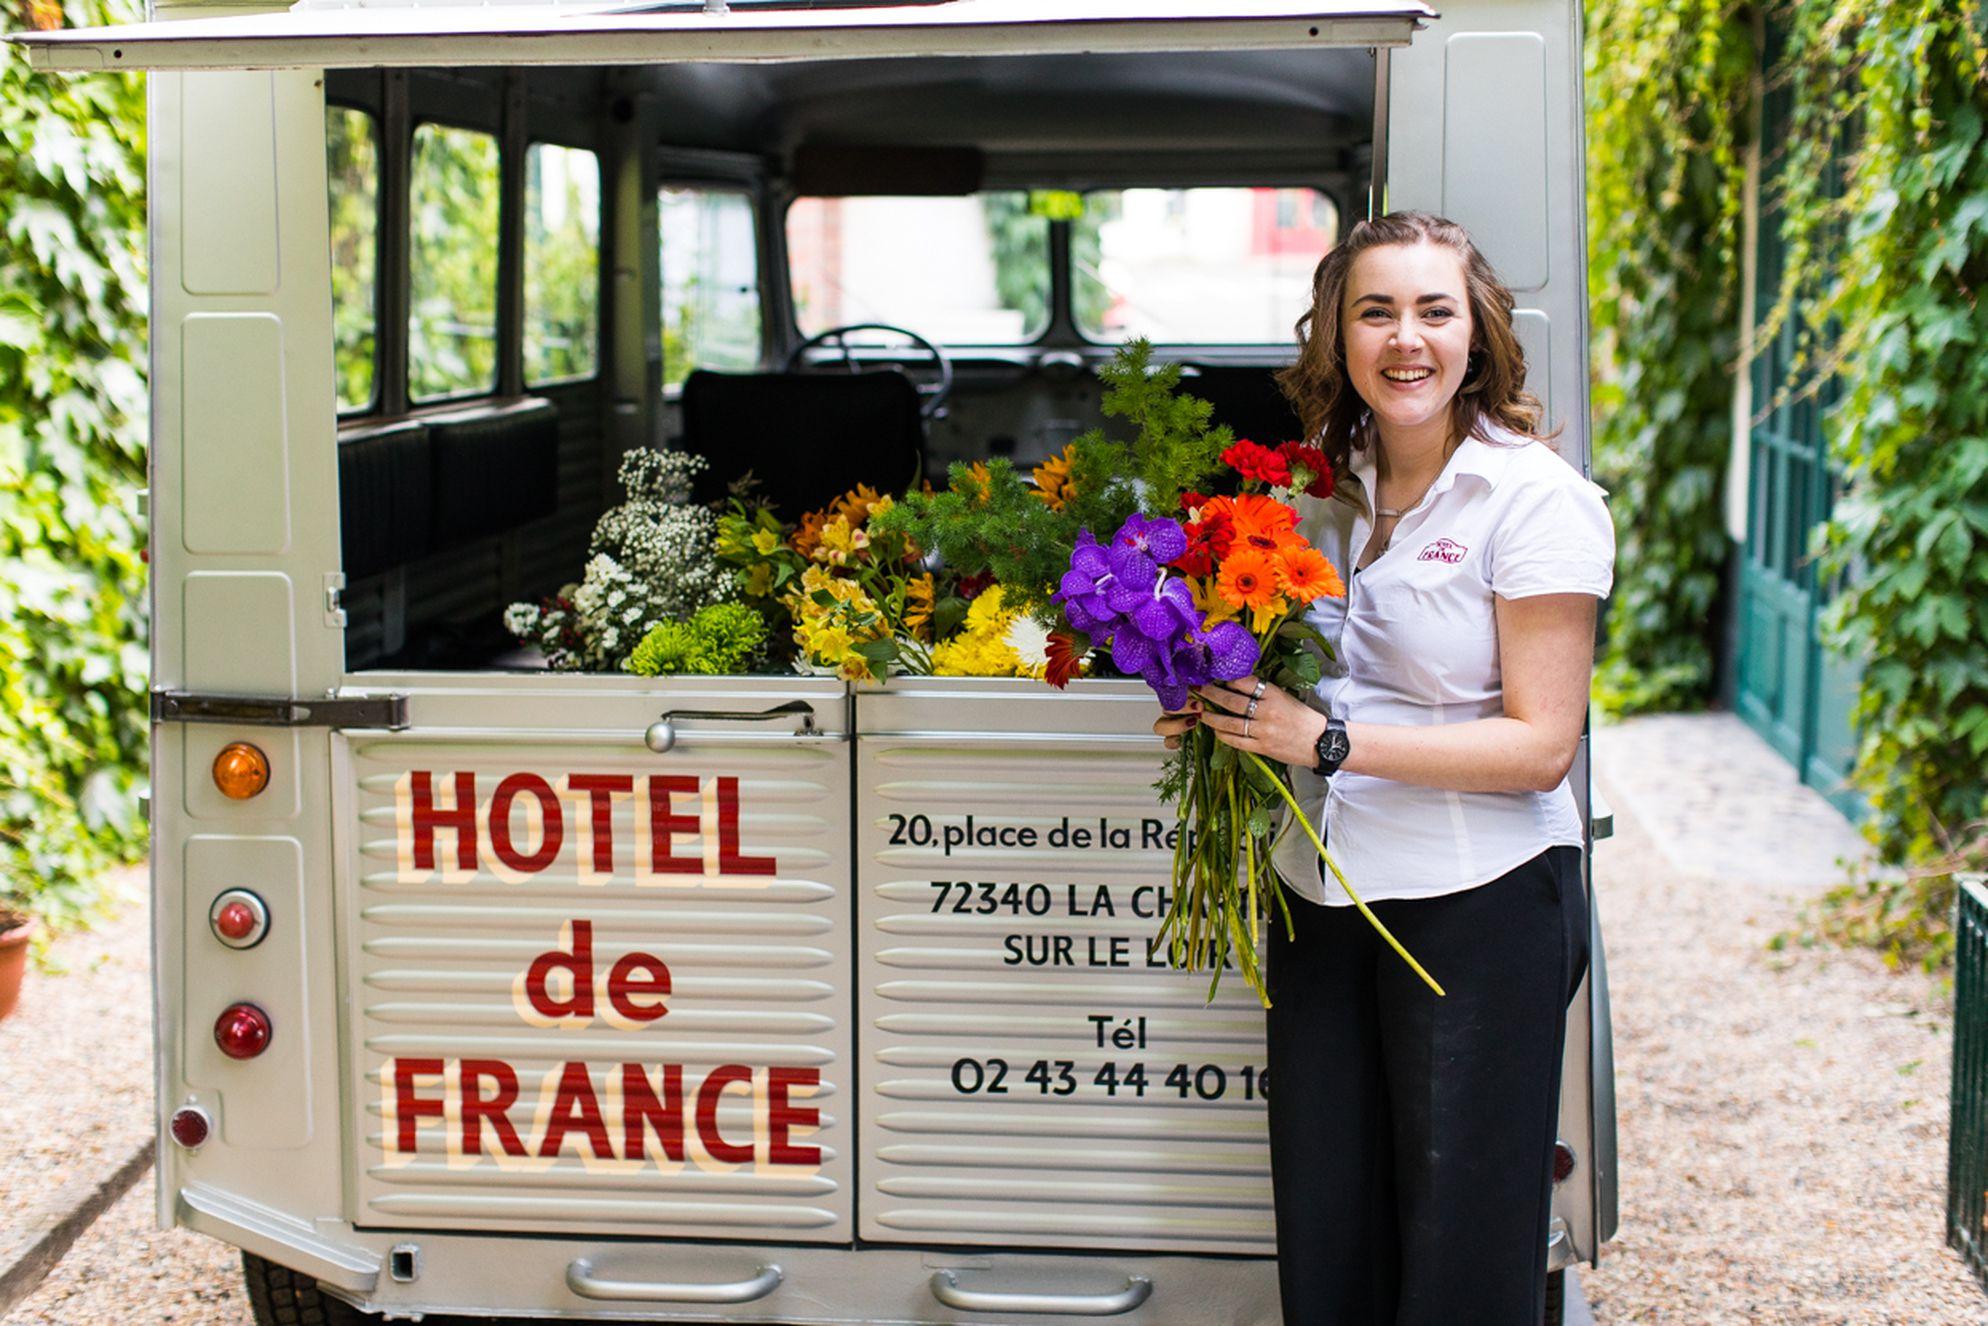 Hotel de France - Gallery